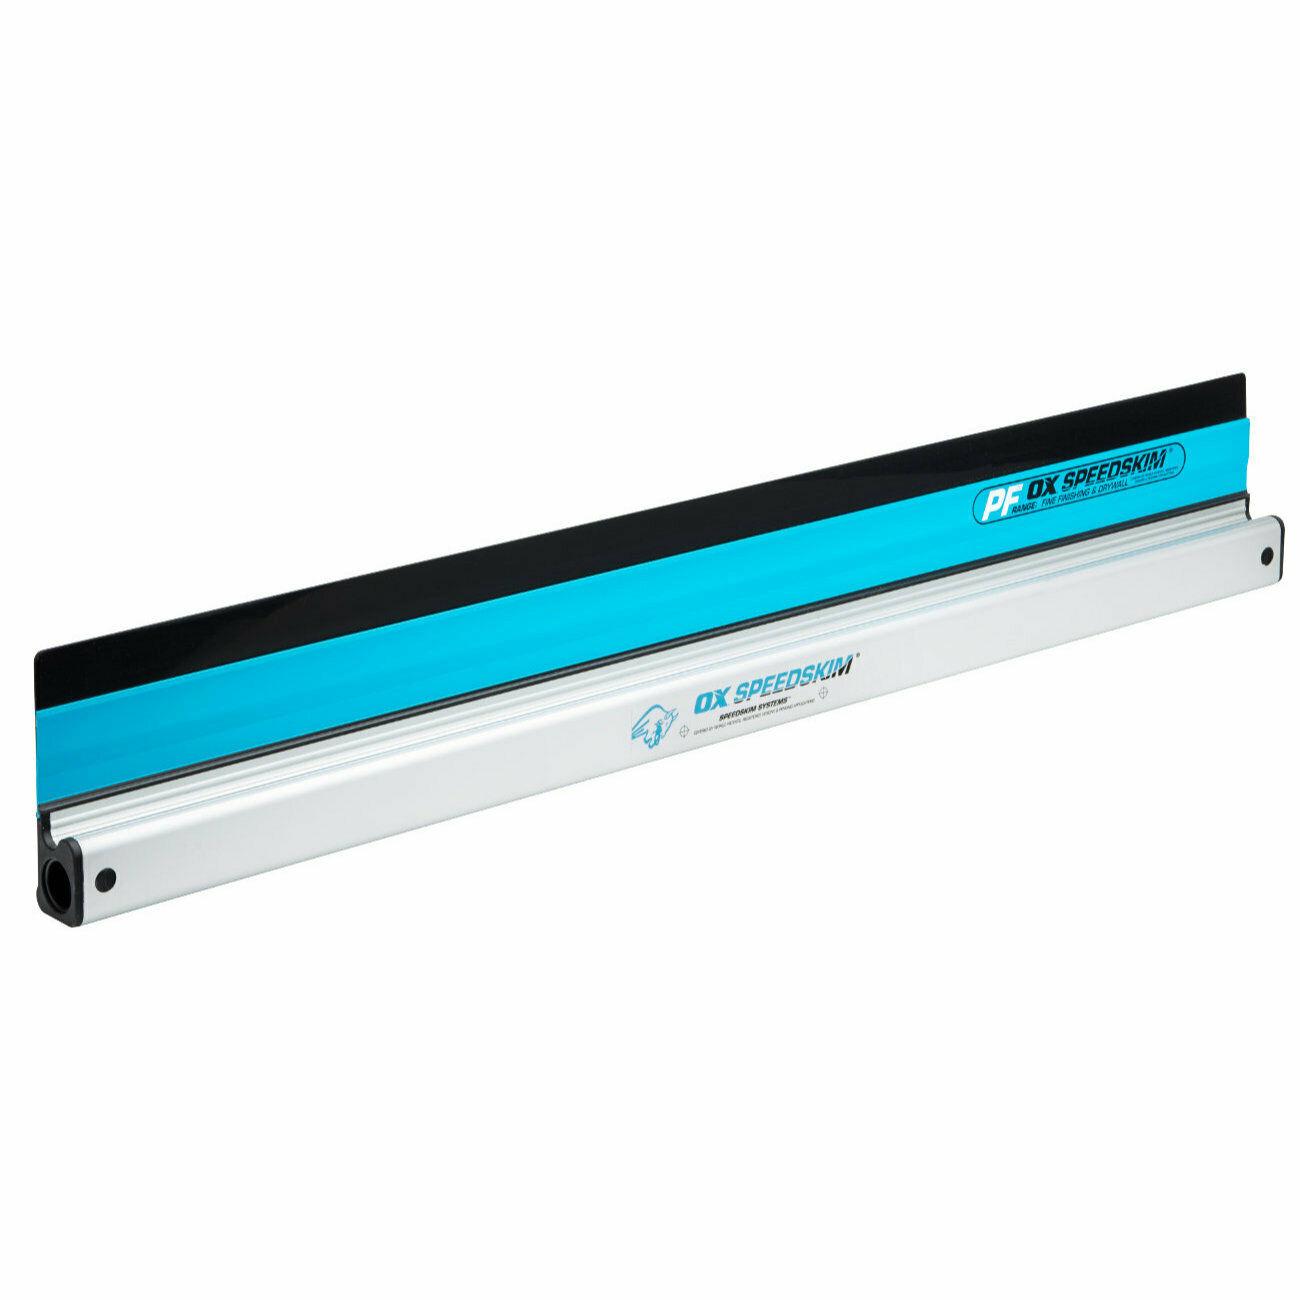 OX PRO SPEEDSKIM PLASTIC - PF (FINE FINISHING & DRYWALL) 1200MM